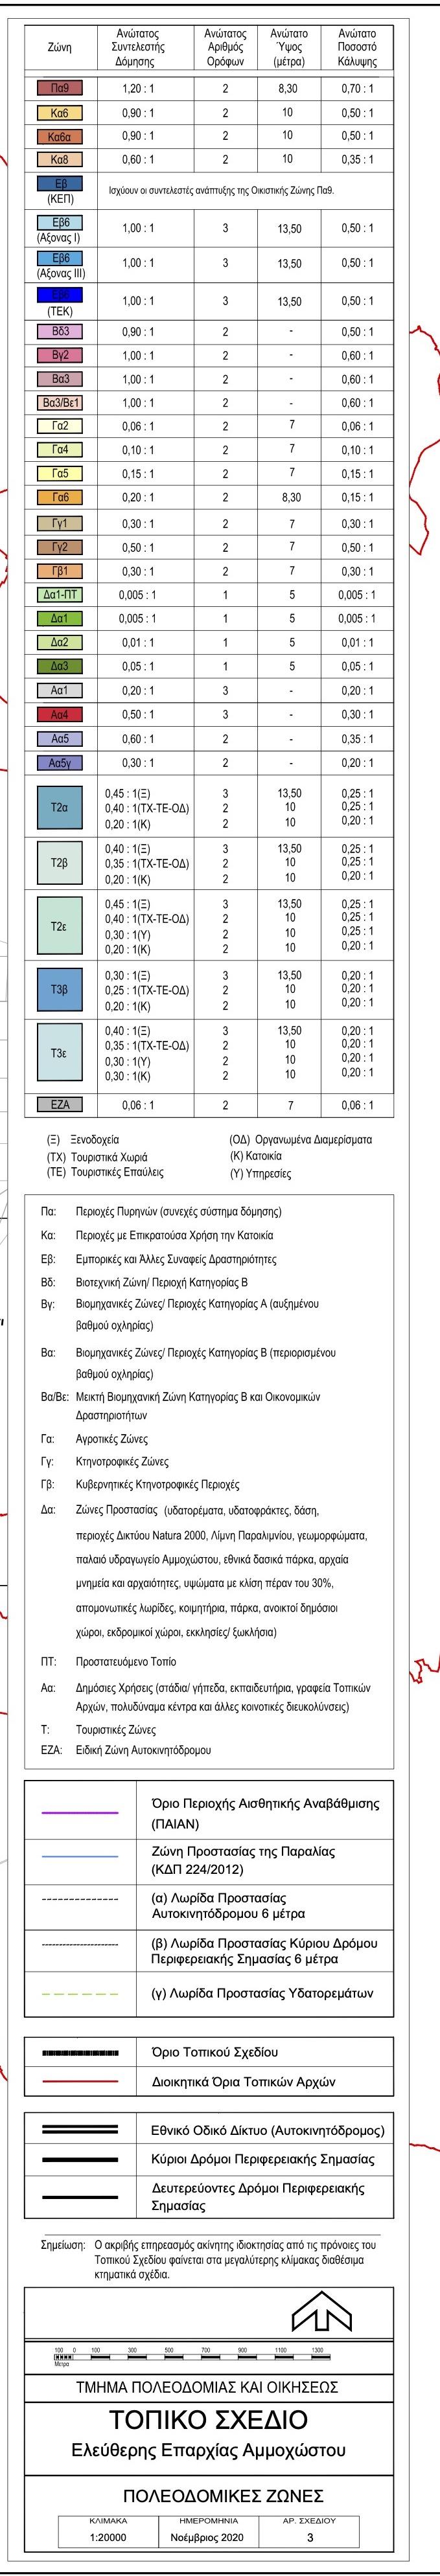 ΤΟΠΙΚΟ ΣΧΕΔΙΟ 2020 - ΣΧΕΔΙΑ ΠΟΛΕΟΔΟΜΙΚΩΝ ΖΩΝΩΝ